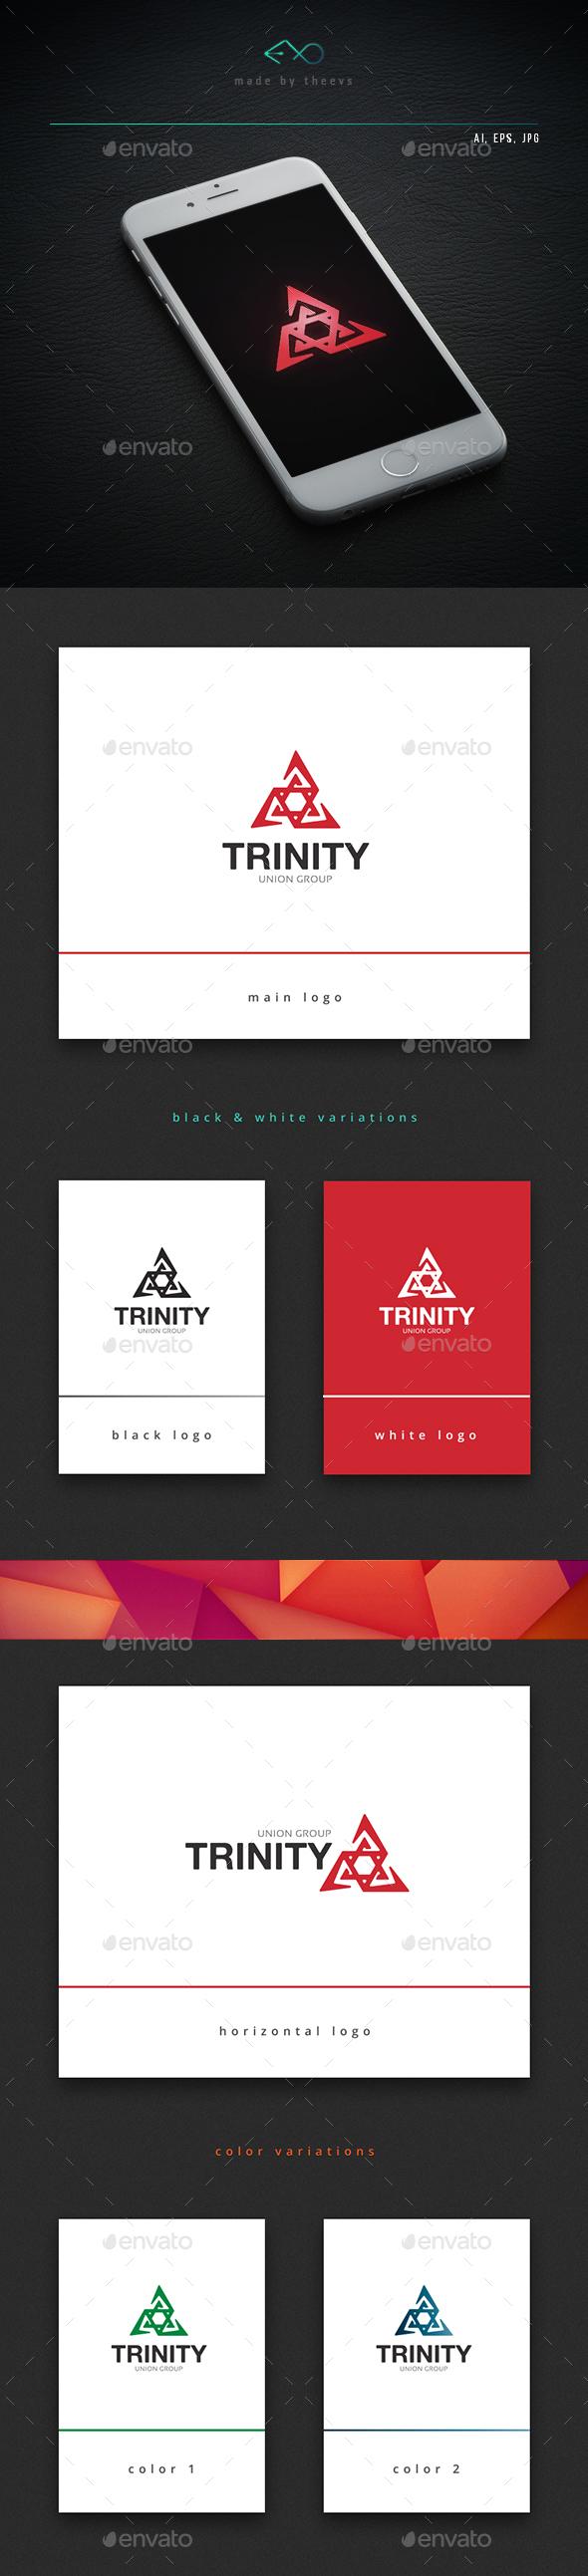 Trinity - Vector Abstract